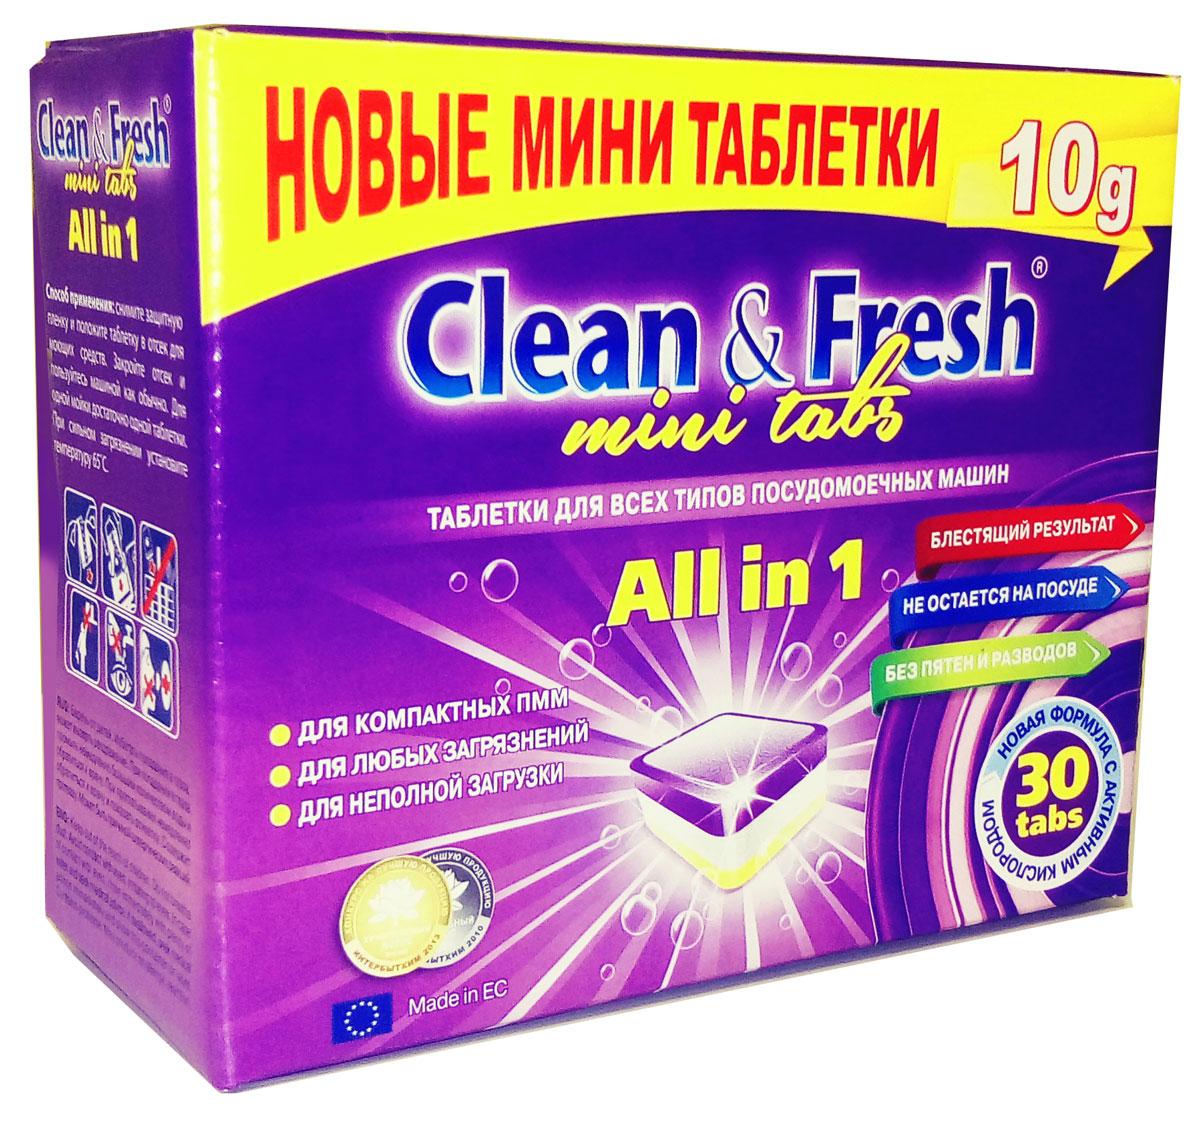 Таблетки для посудомоечной машины Clean & Fresh All in 1, 30 шт391602Рекомендовано для компактных посудомоечных машин или для неполной загрузки посудомоечной машины. Теперь не нужно делить таблетки пополам. Все функции в одном. Оптимальный состав мини таблеток обеспечивает идеальный результат мойки посуды: растворяют жиры и придают блеск; не оставляют химикатов на посуде; без навязчивого химического запаха, при открытии посудомойки; не содержит синтетических ароматизаторов.